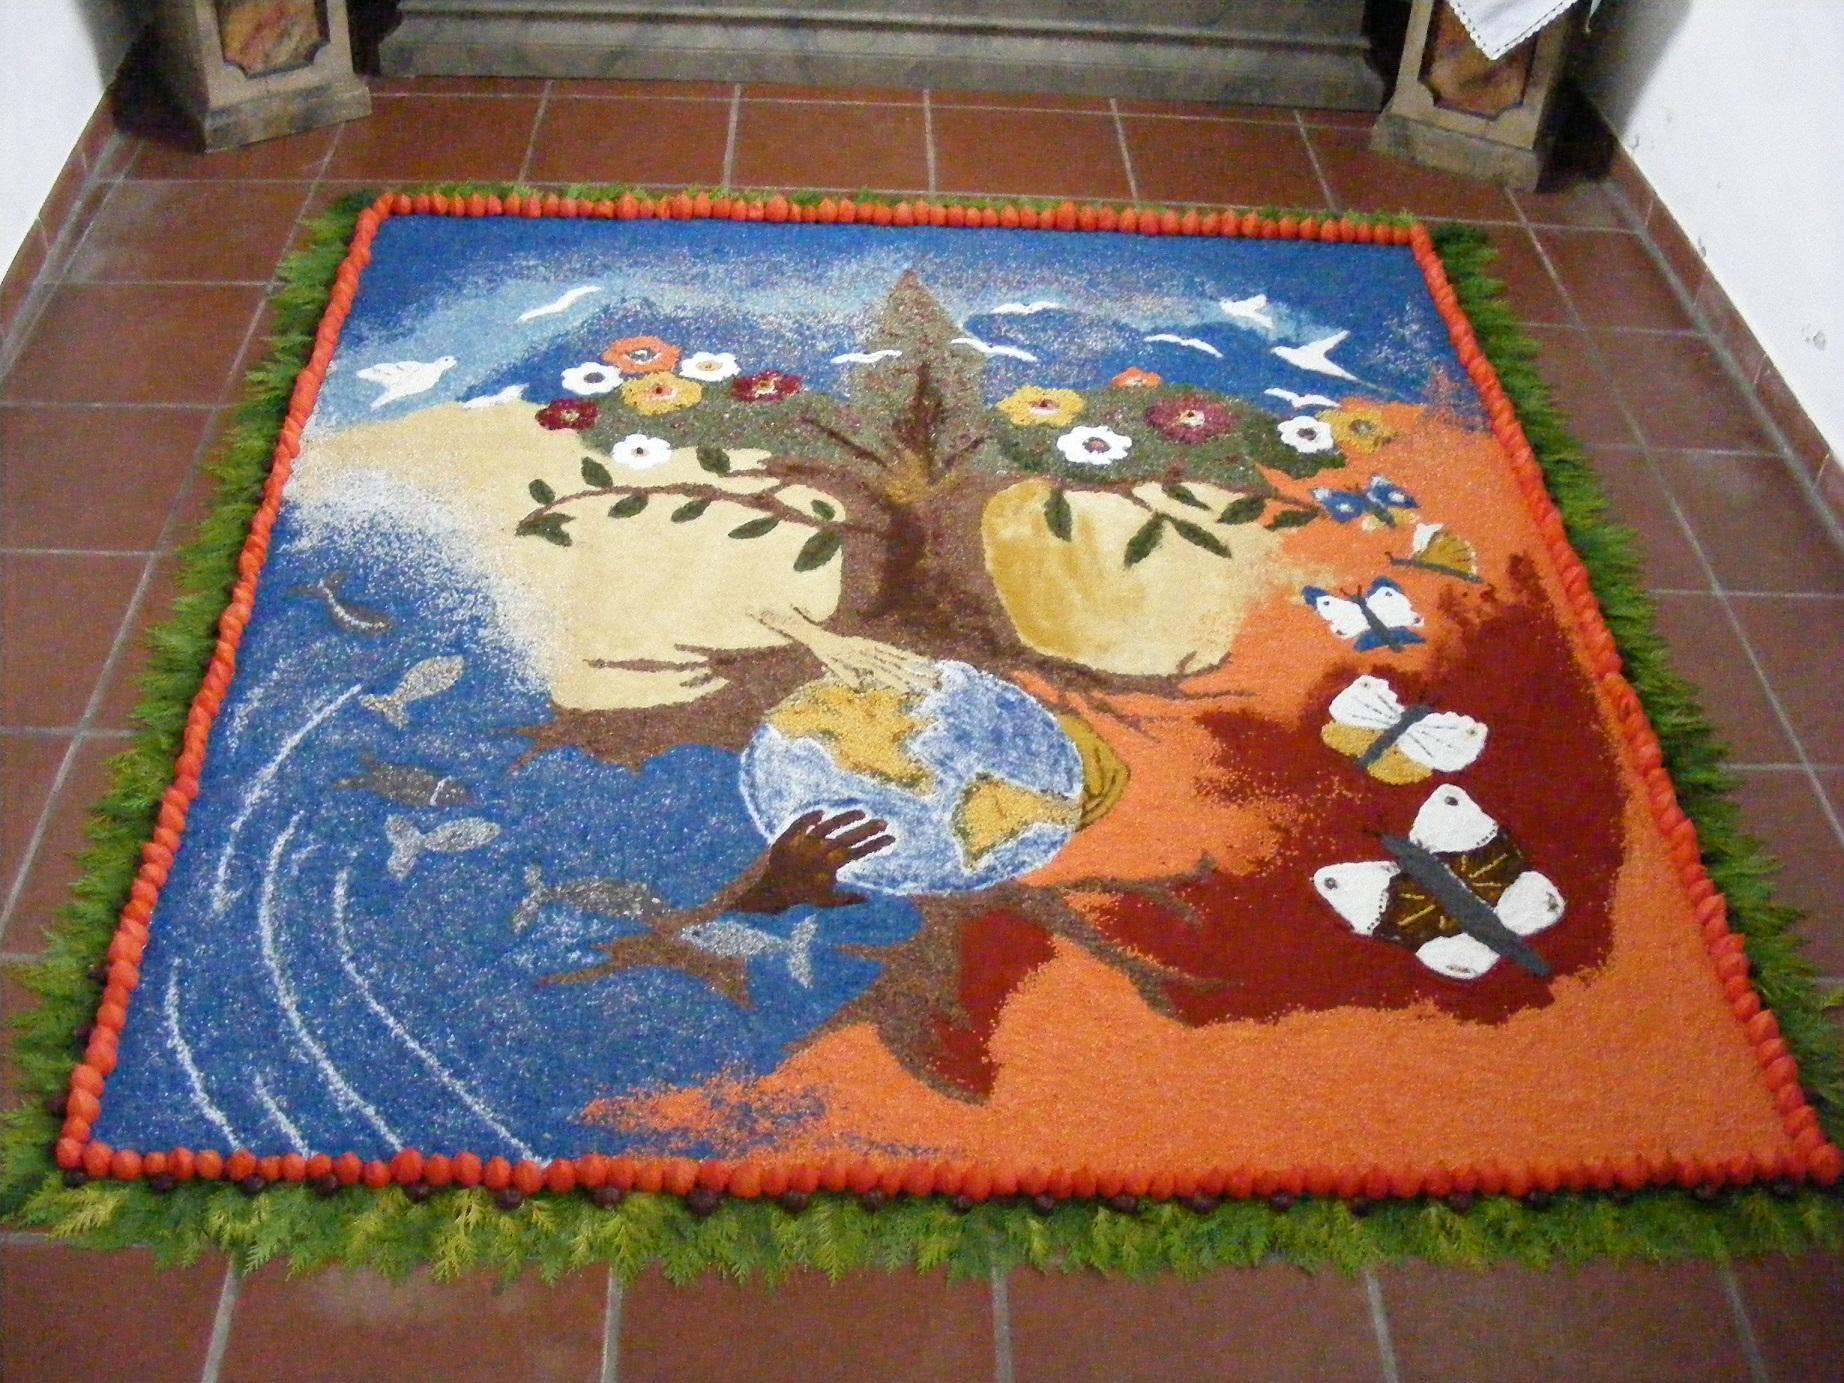 2010 - Titelbild zum Weltgebetstag aus Panama (von 2004)